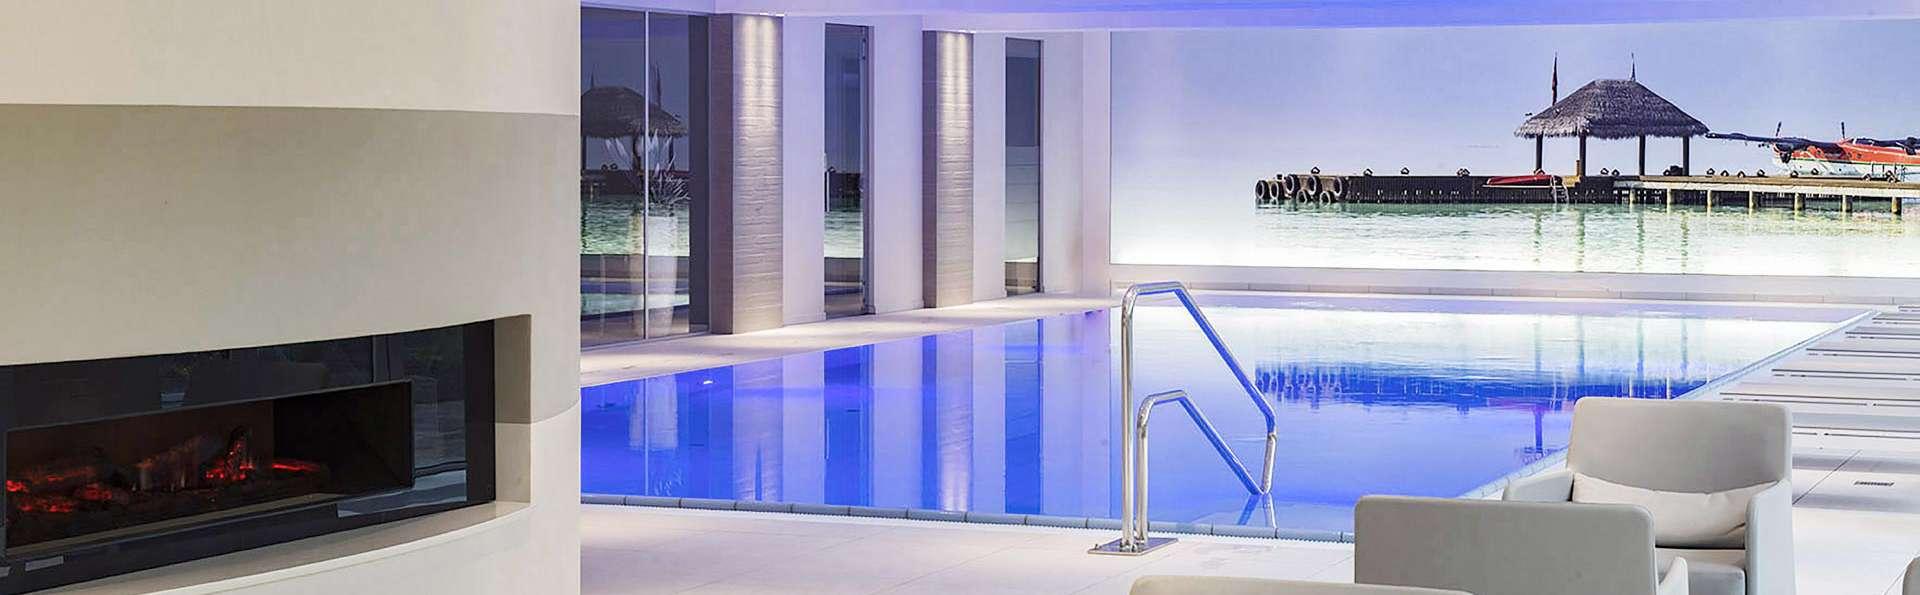 Magnifique séjour avec dîner en chambre et accès à la piscine intérieure au cœur du Luxembourg